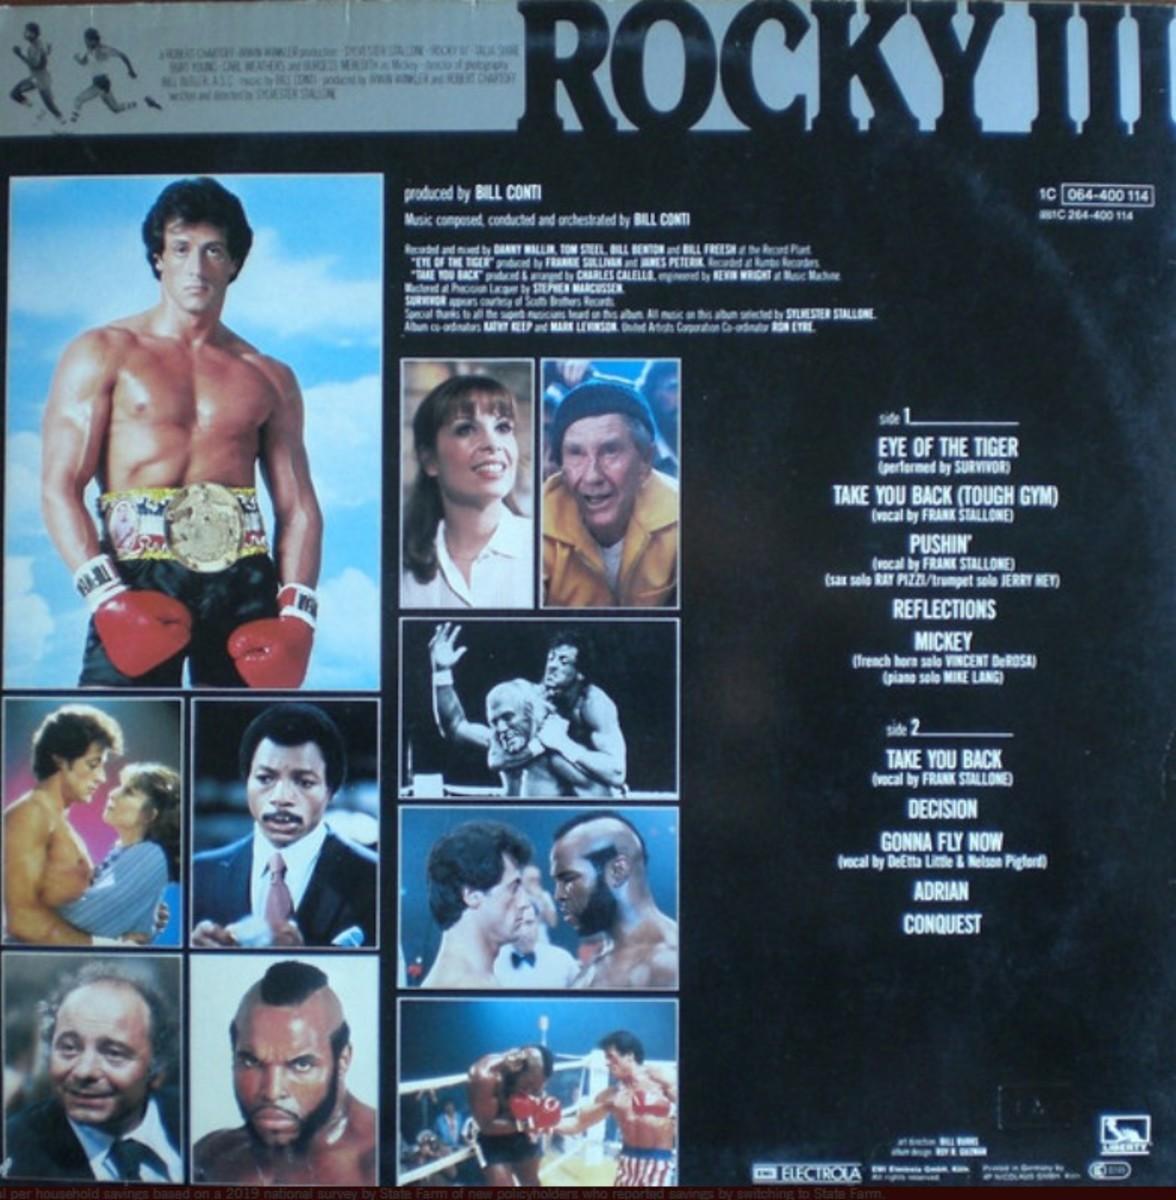 Peterik Rocky III